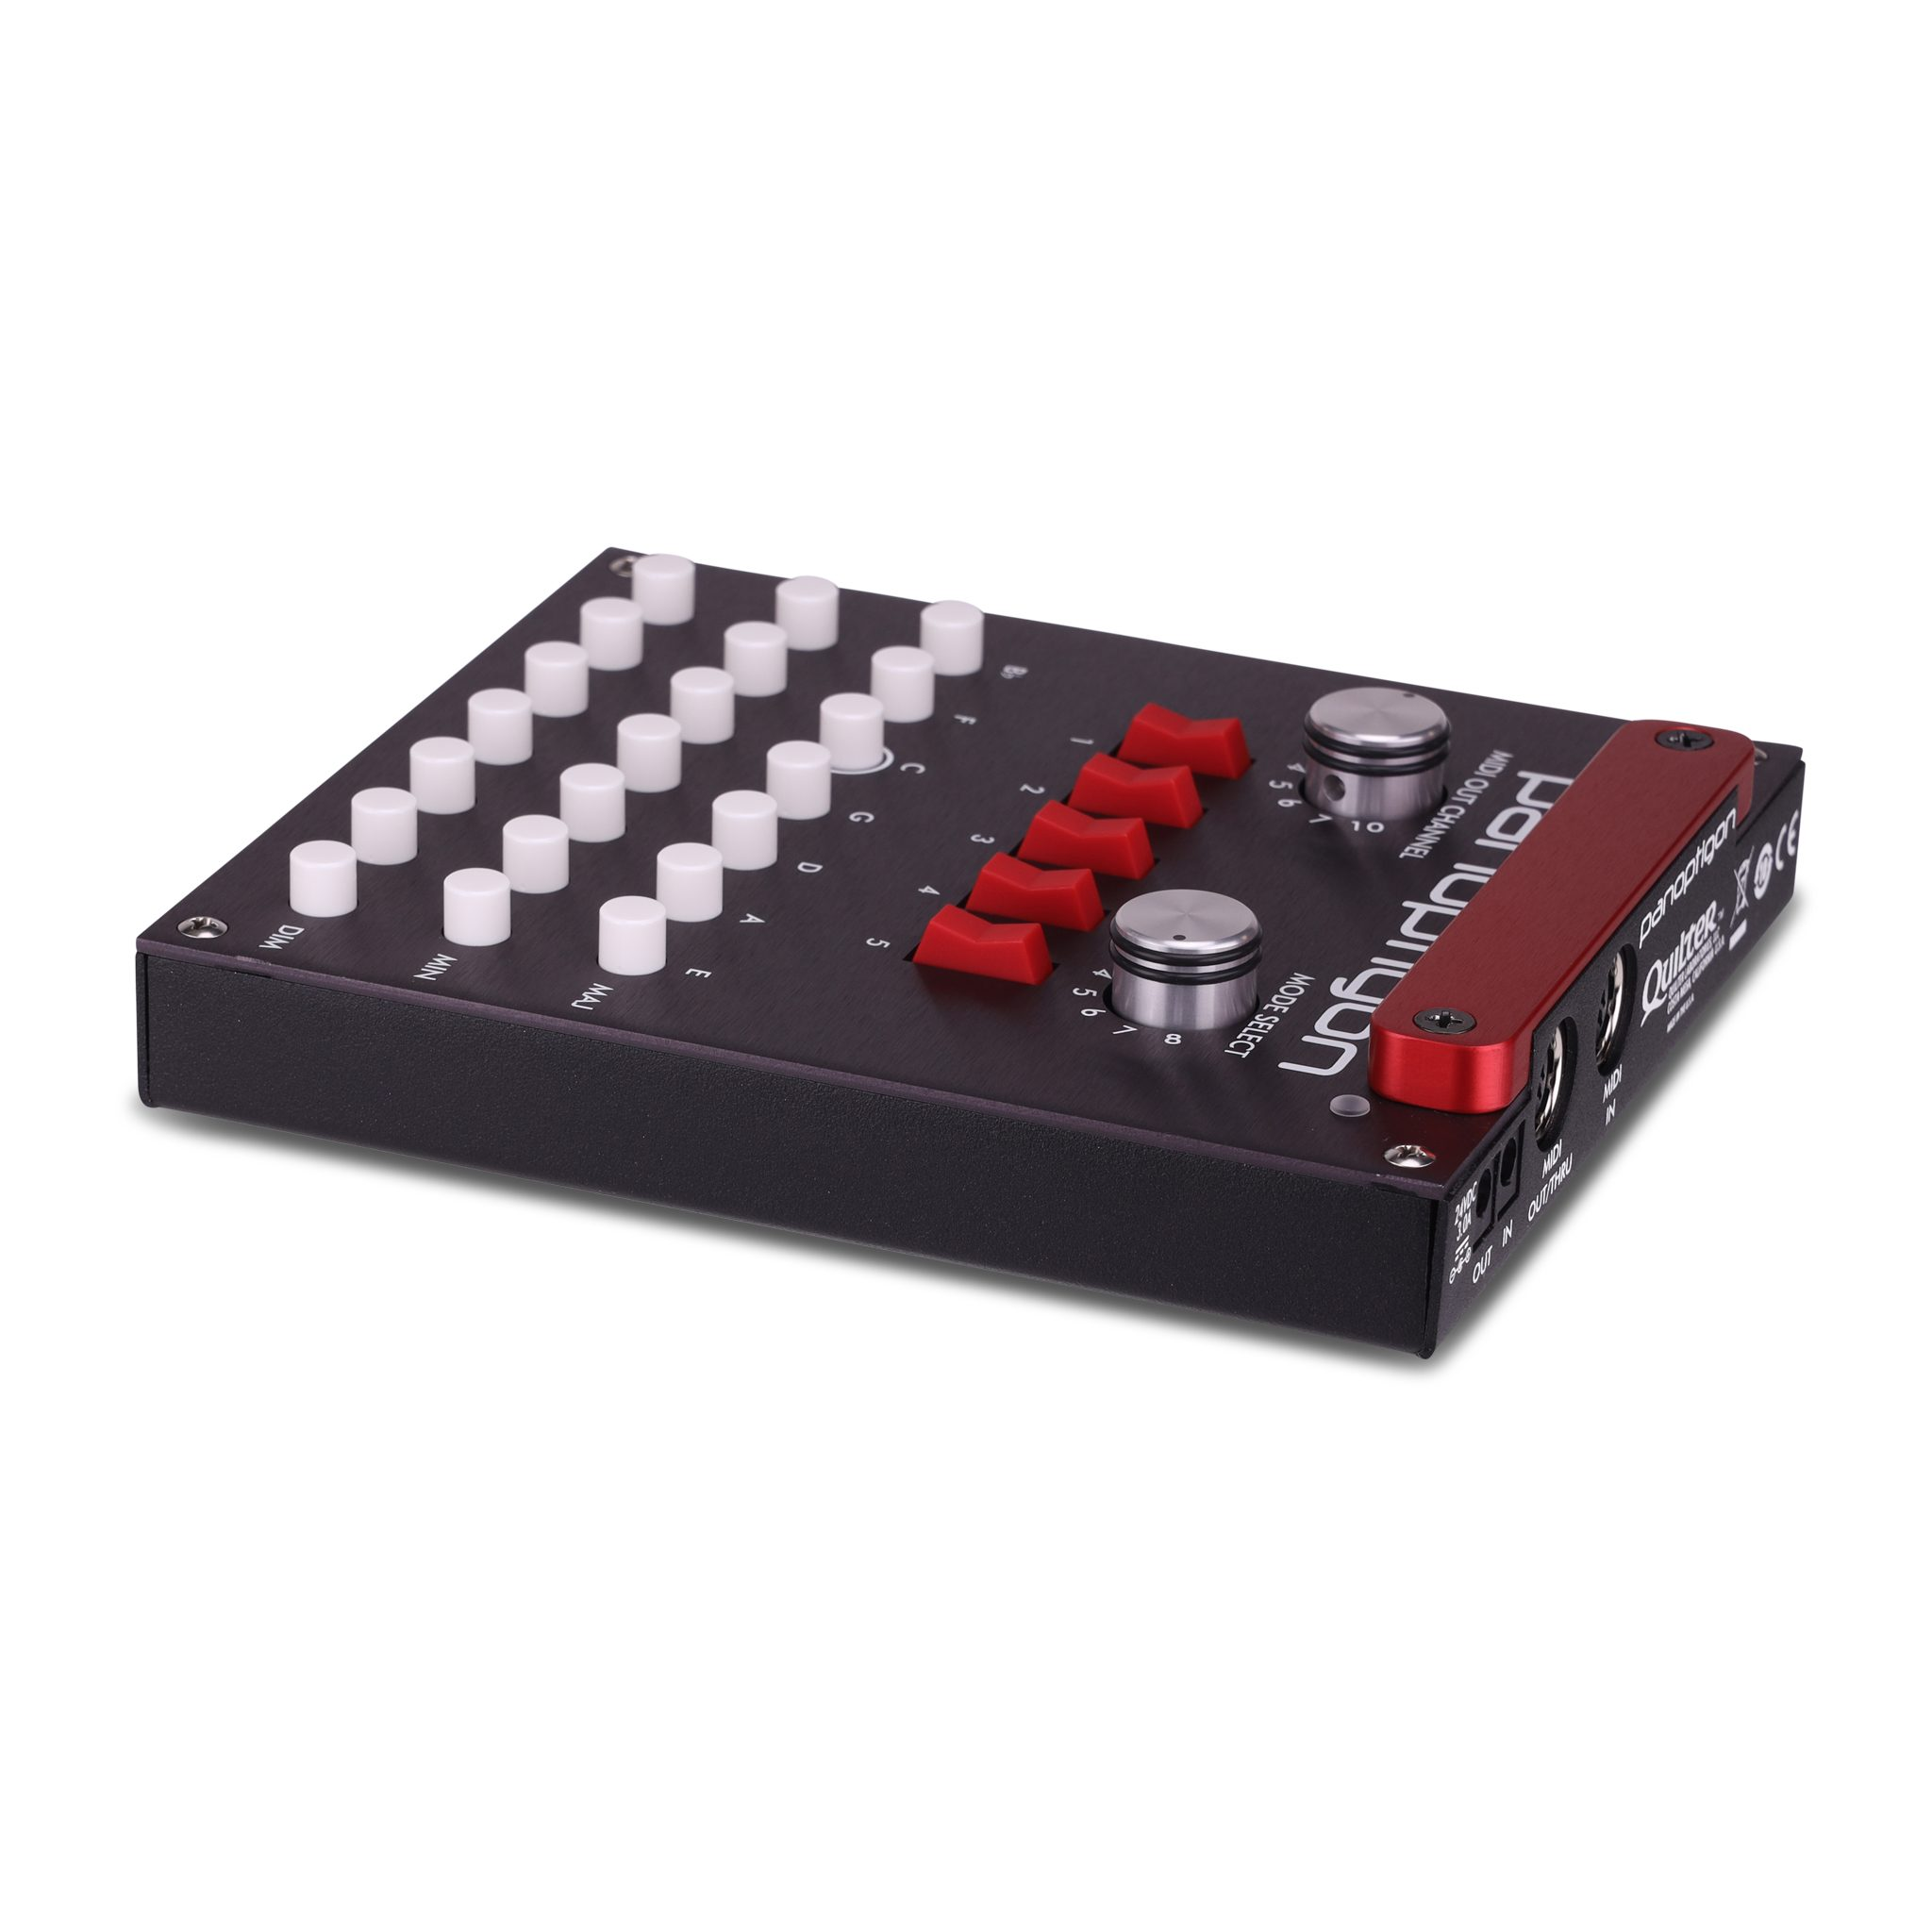 23-panoptigonchordcontroller